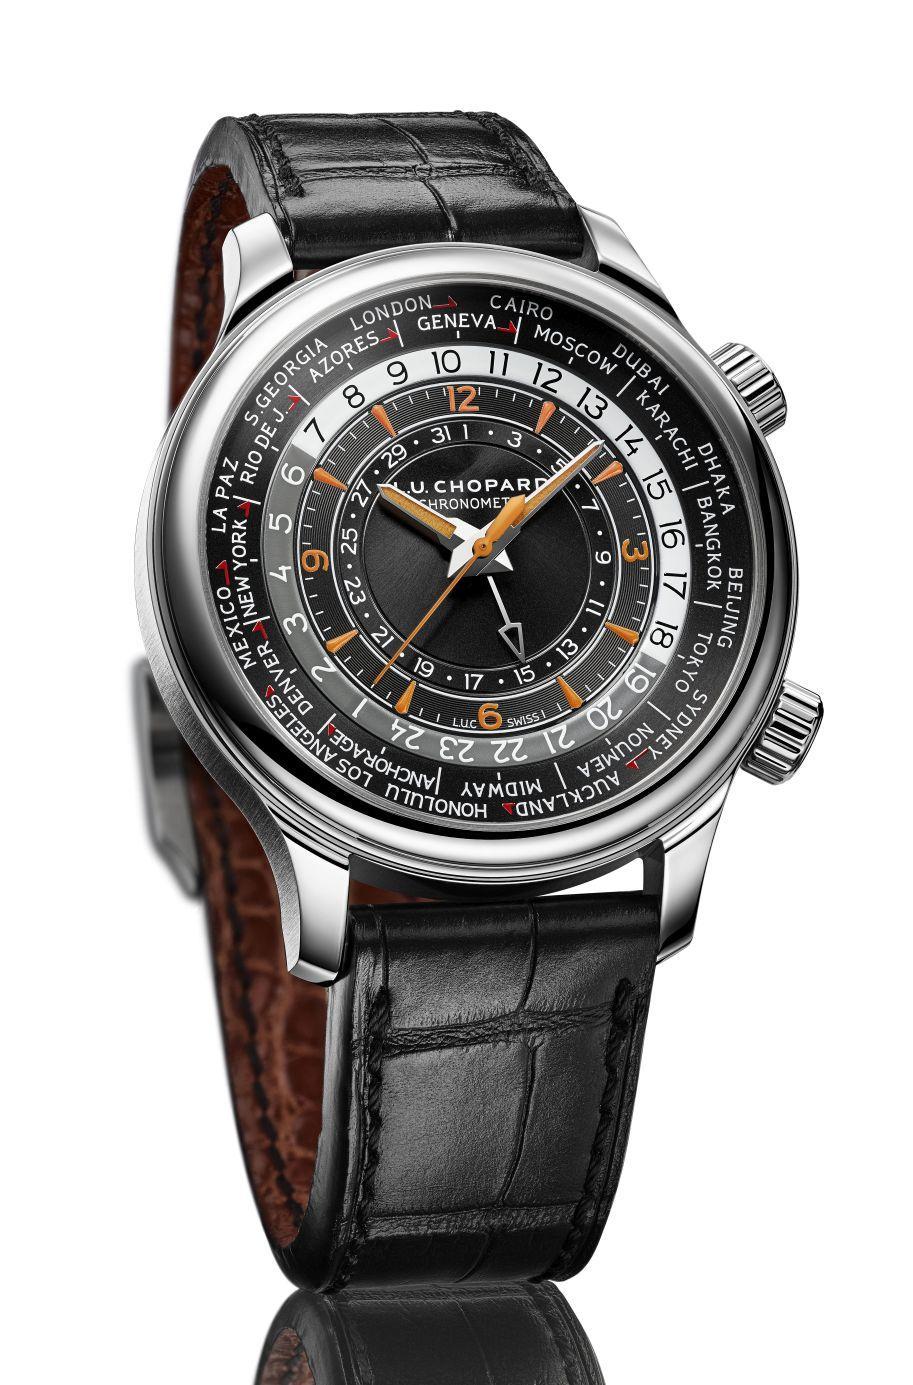 蕭邦L.U.C Time Traveler One世界時區腕錶,不鏽鋼版本,定價NT$471,000。